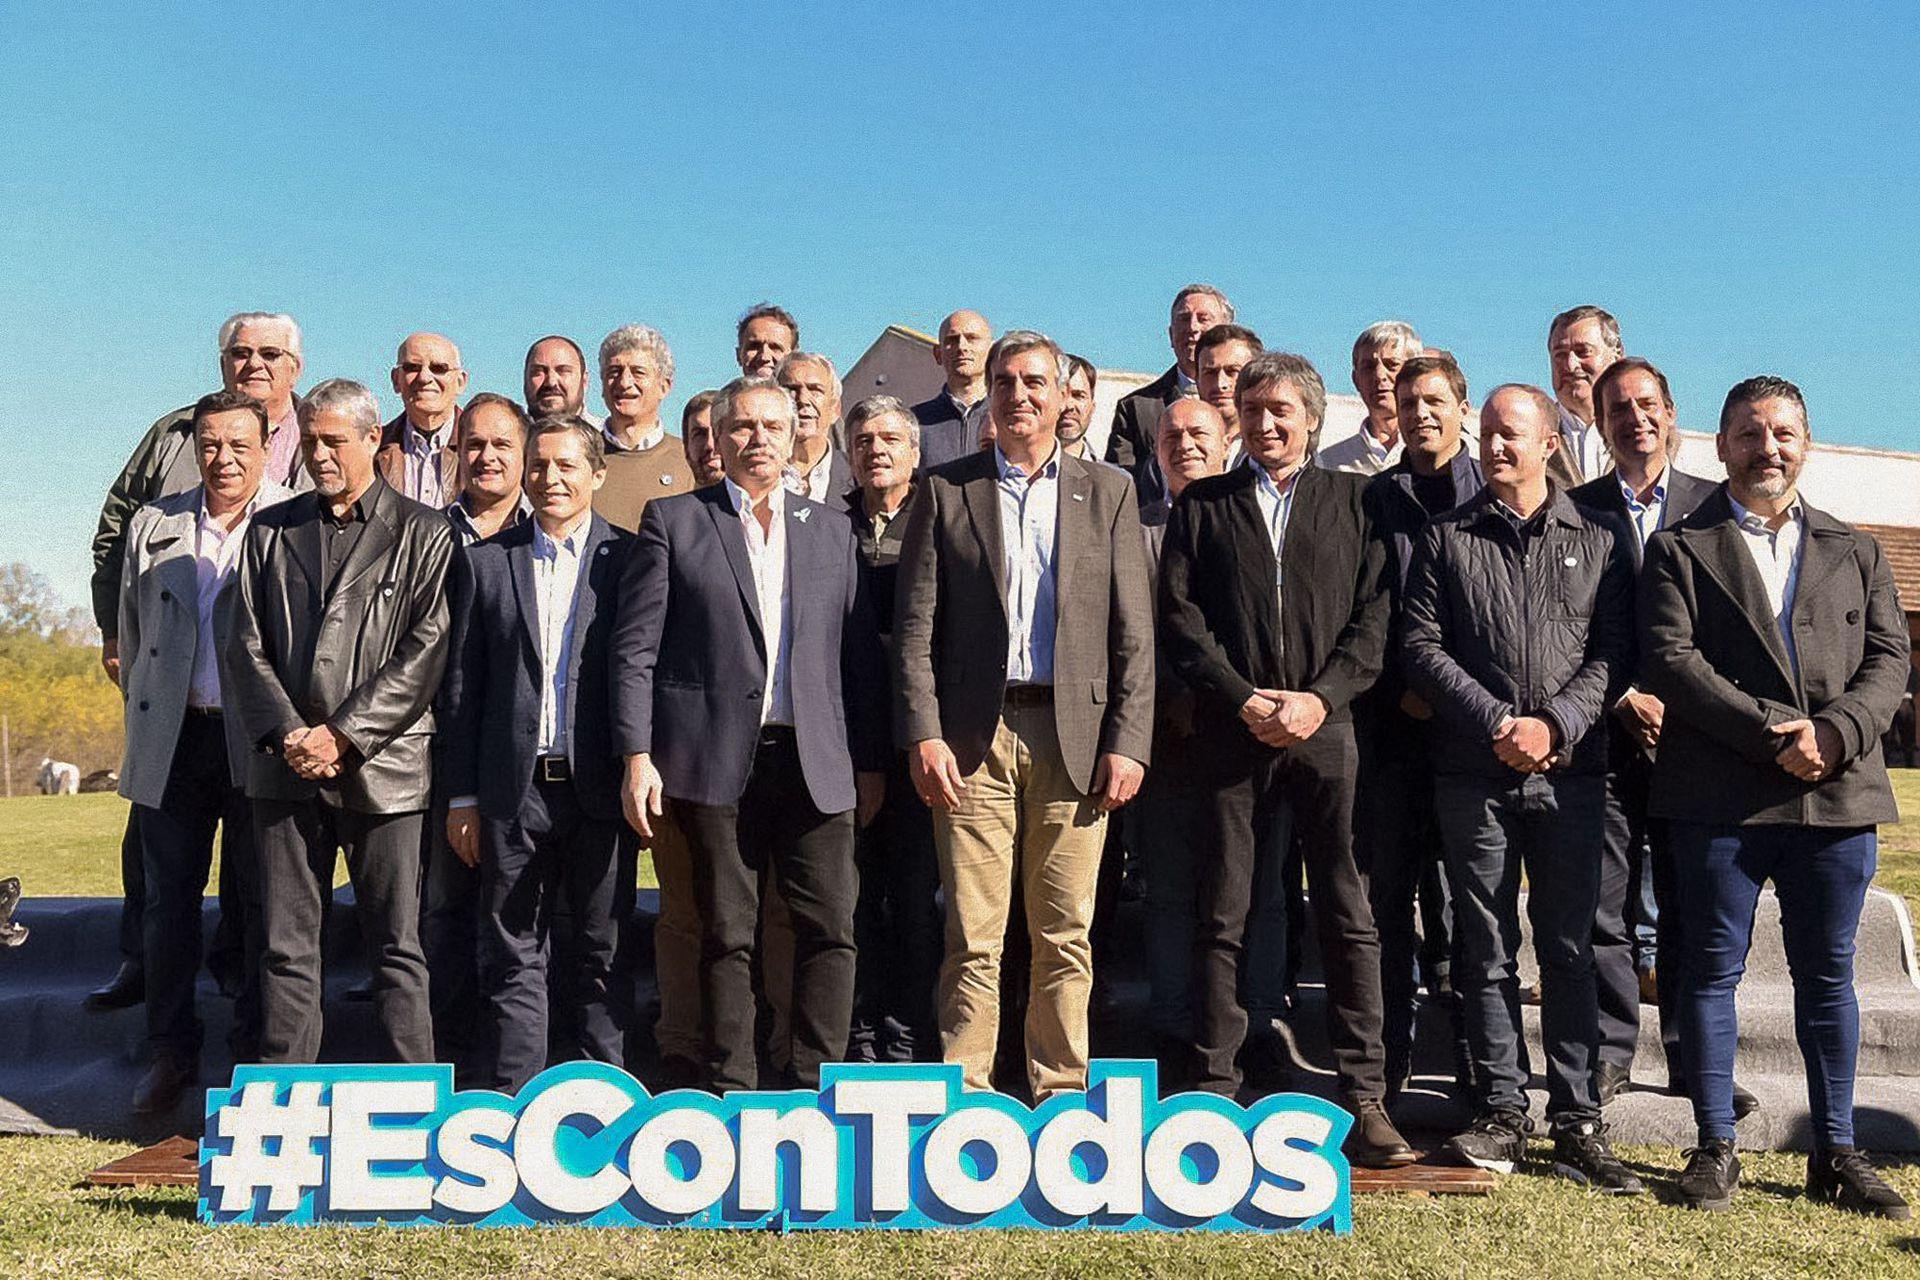 El precandidato a presidente por el Frente de Todos, Alberto Fernández, y el diputado Máximo Kirchner se reunieron en San Antonio de Areco, con intendentes y legisladores peronistas bonaerenses para avanzar en definiciones electorales (24 de mayo de 2019)